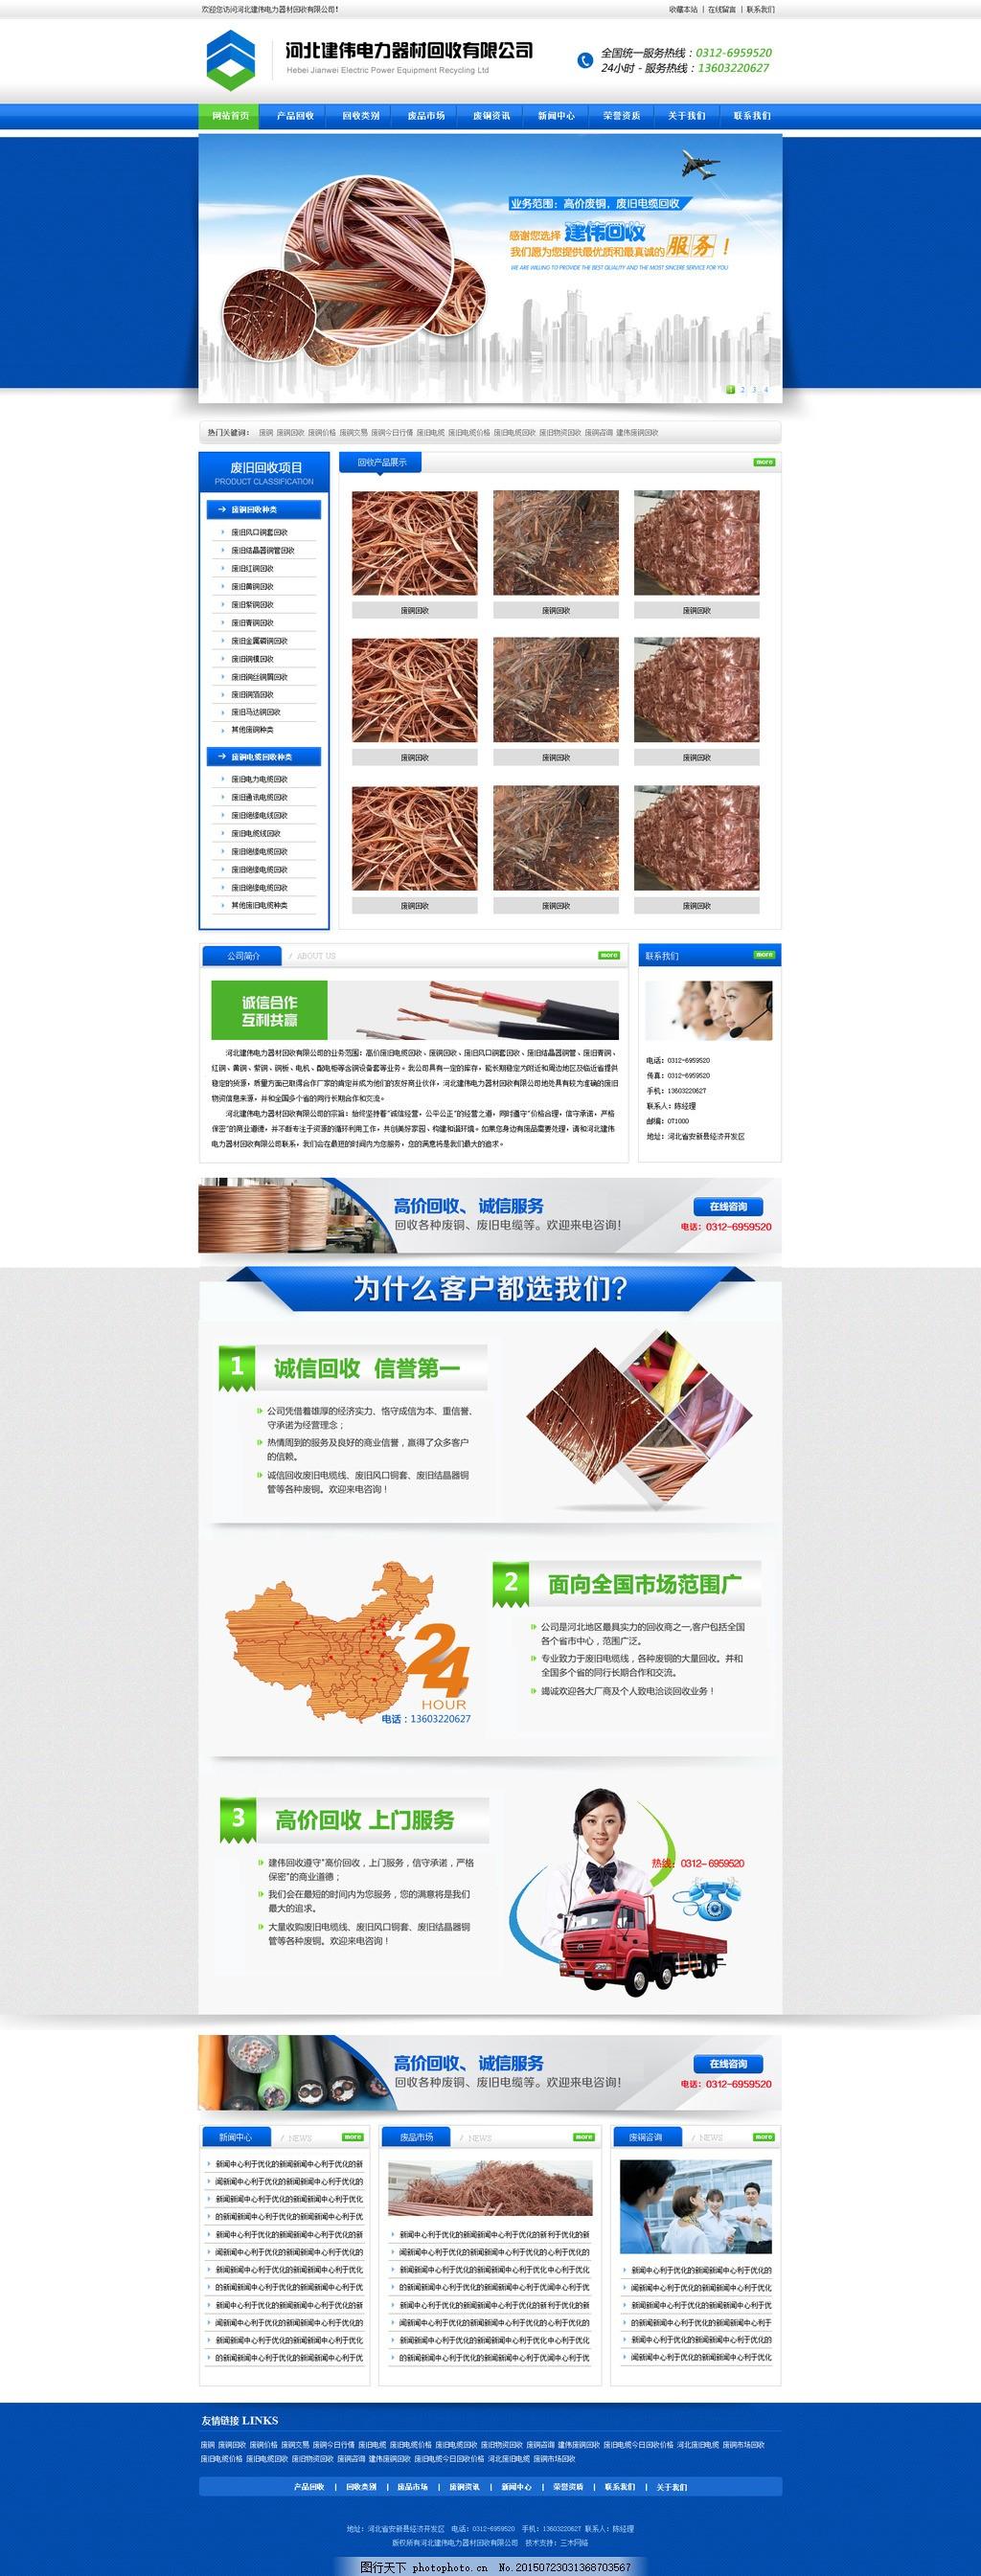 营销型网站首页 淘宝素材 淘宝设计 淘宝模板下载 白色